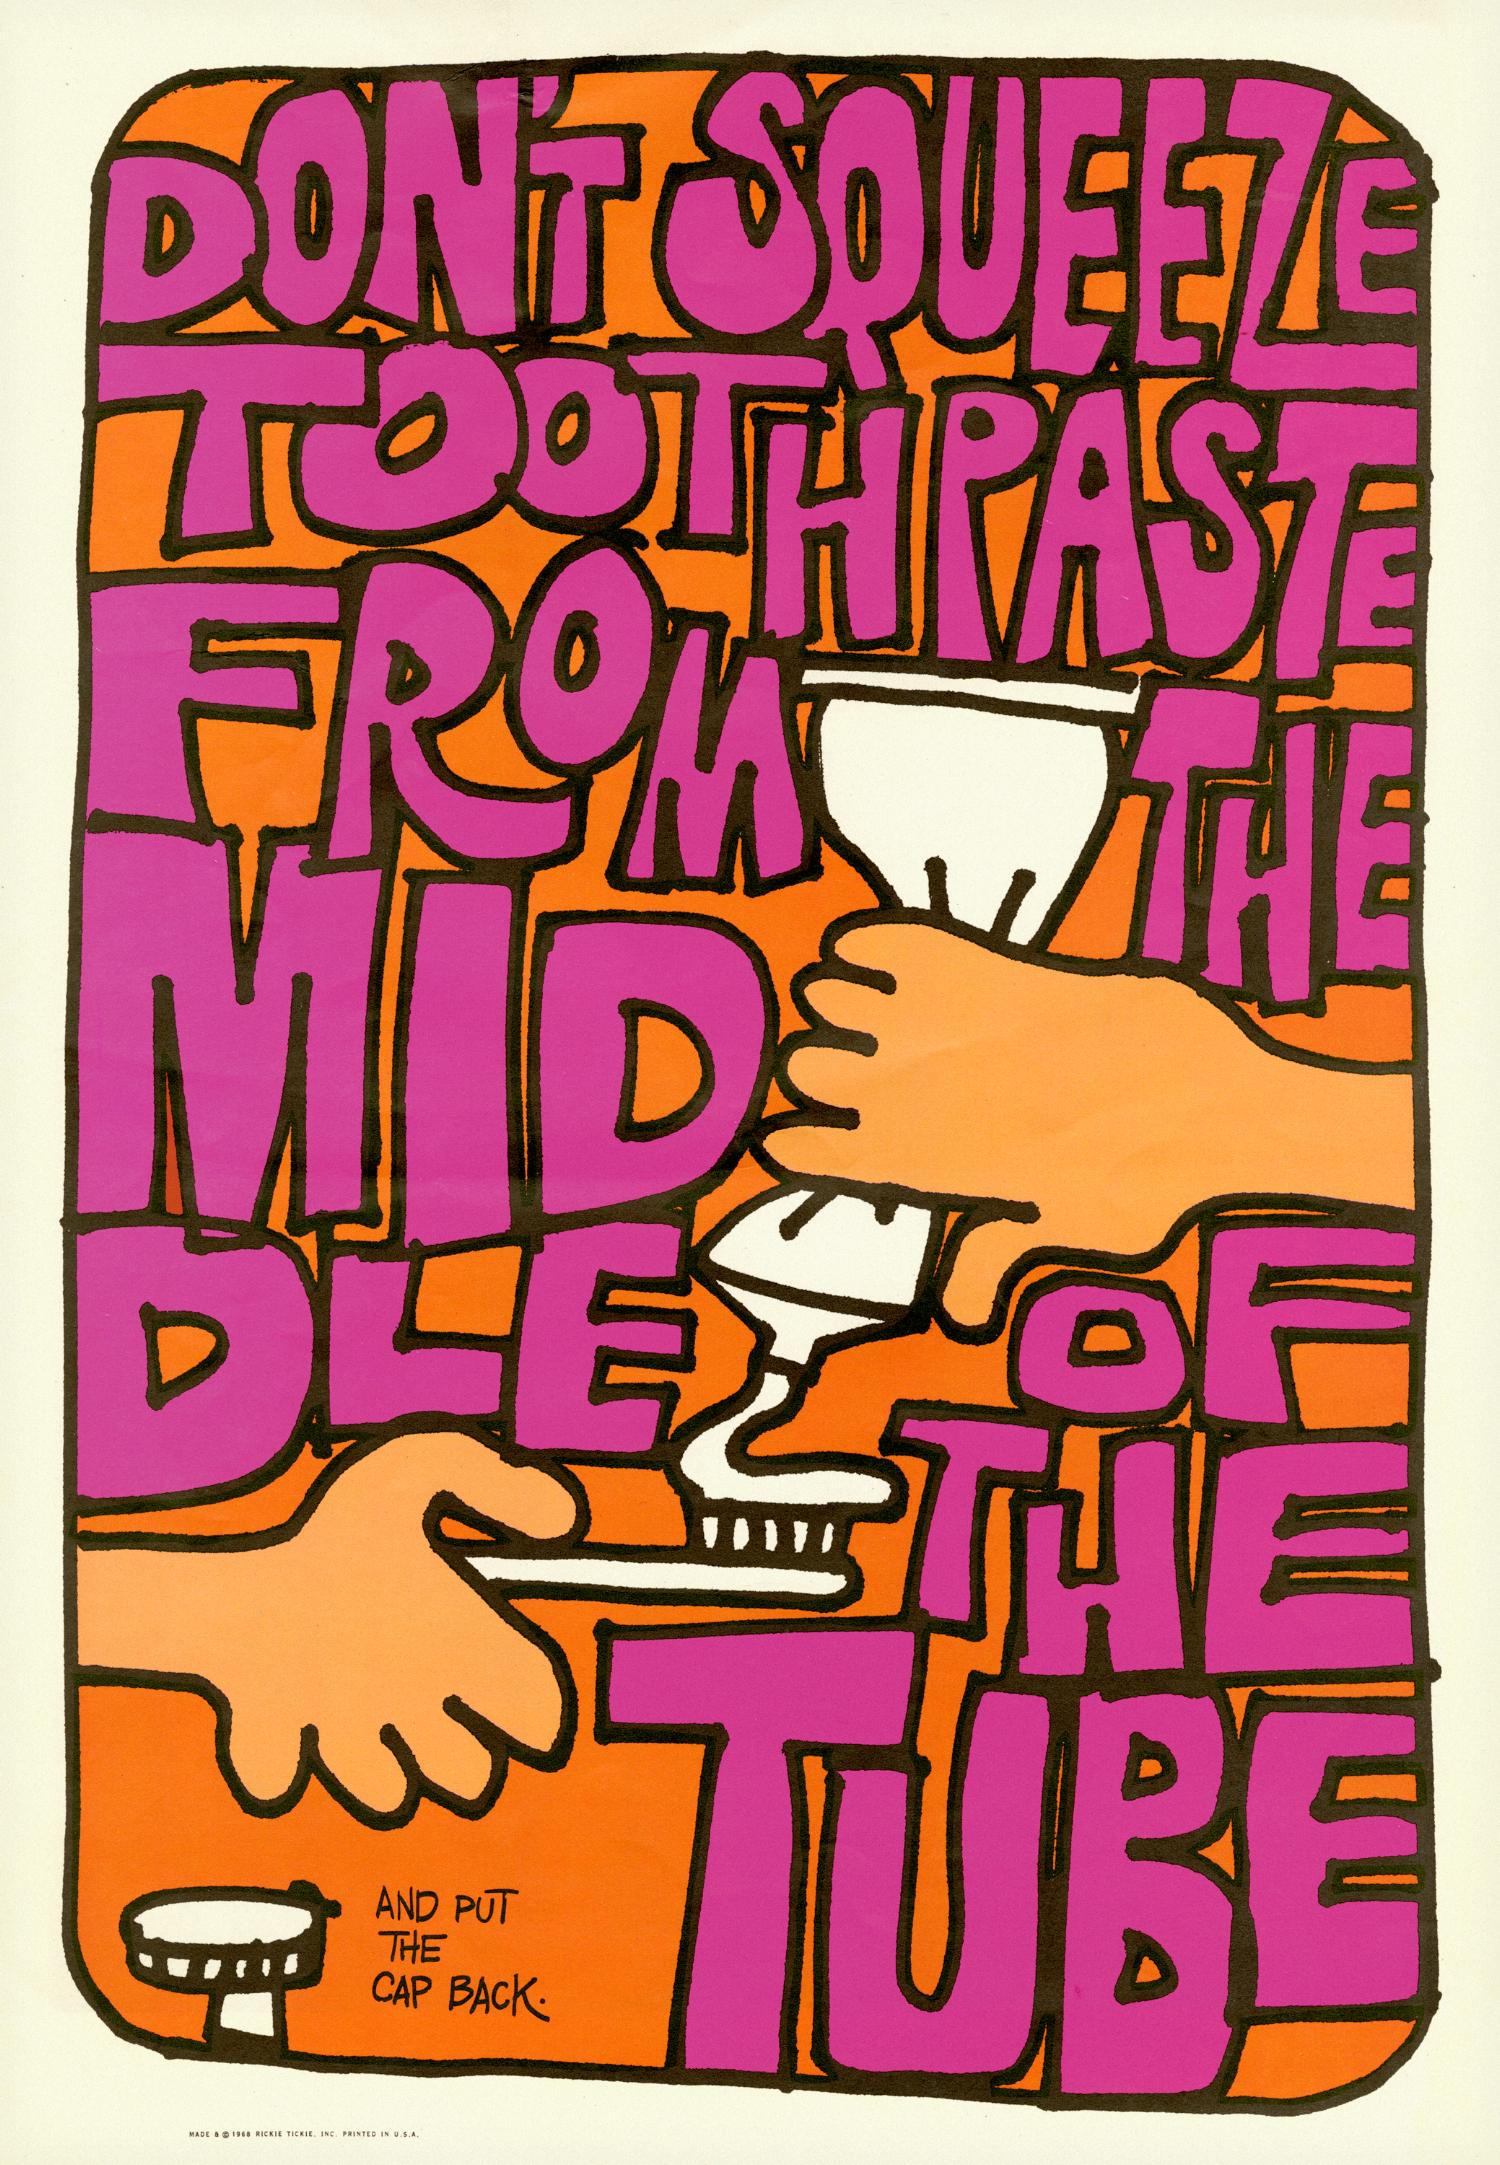 Rickie Tickie Poster · 1968